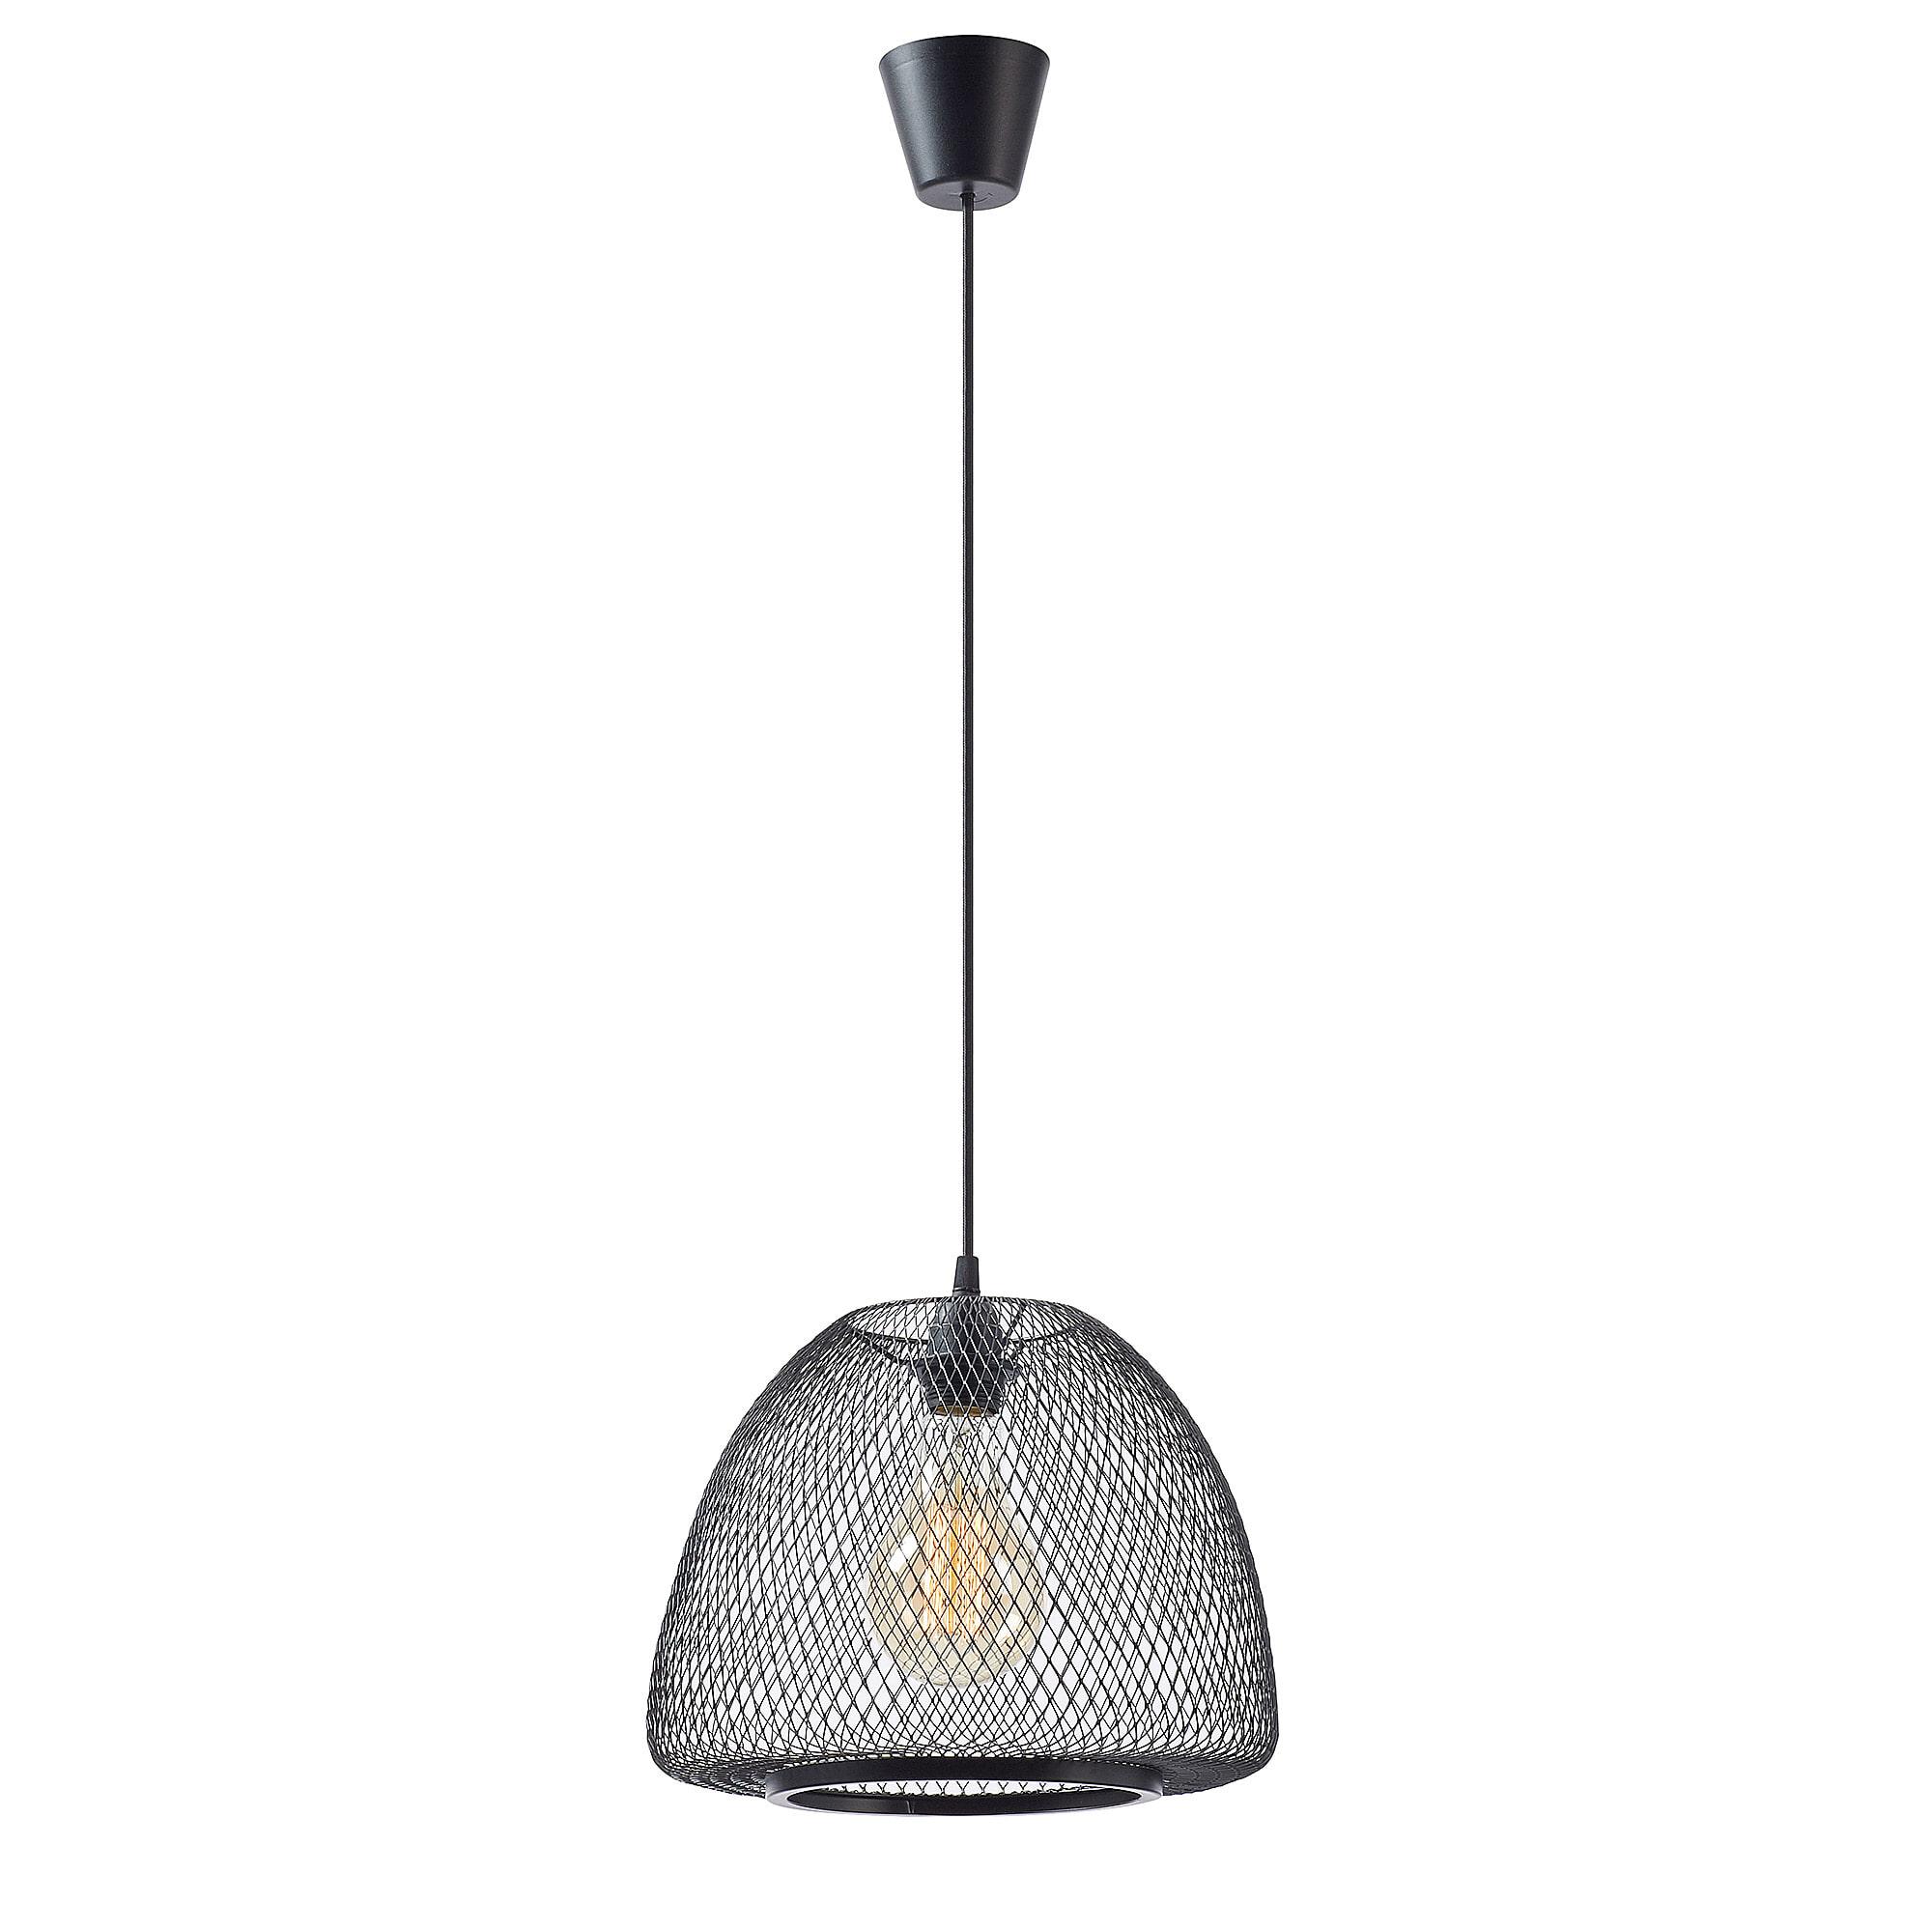 Kave Home Hanglamp 'Wala' 32cm, kleur Zwart Verlichting   Hanglampen vergelijken doe je het voordeligst hier bij Meubelpartner